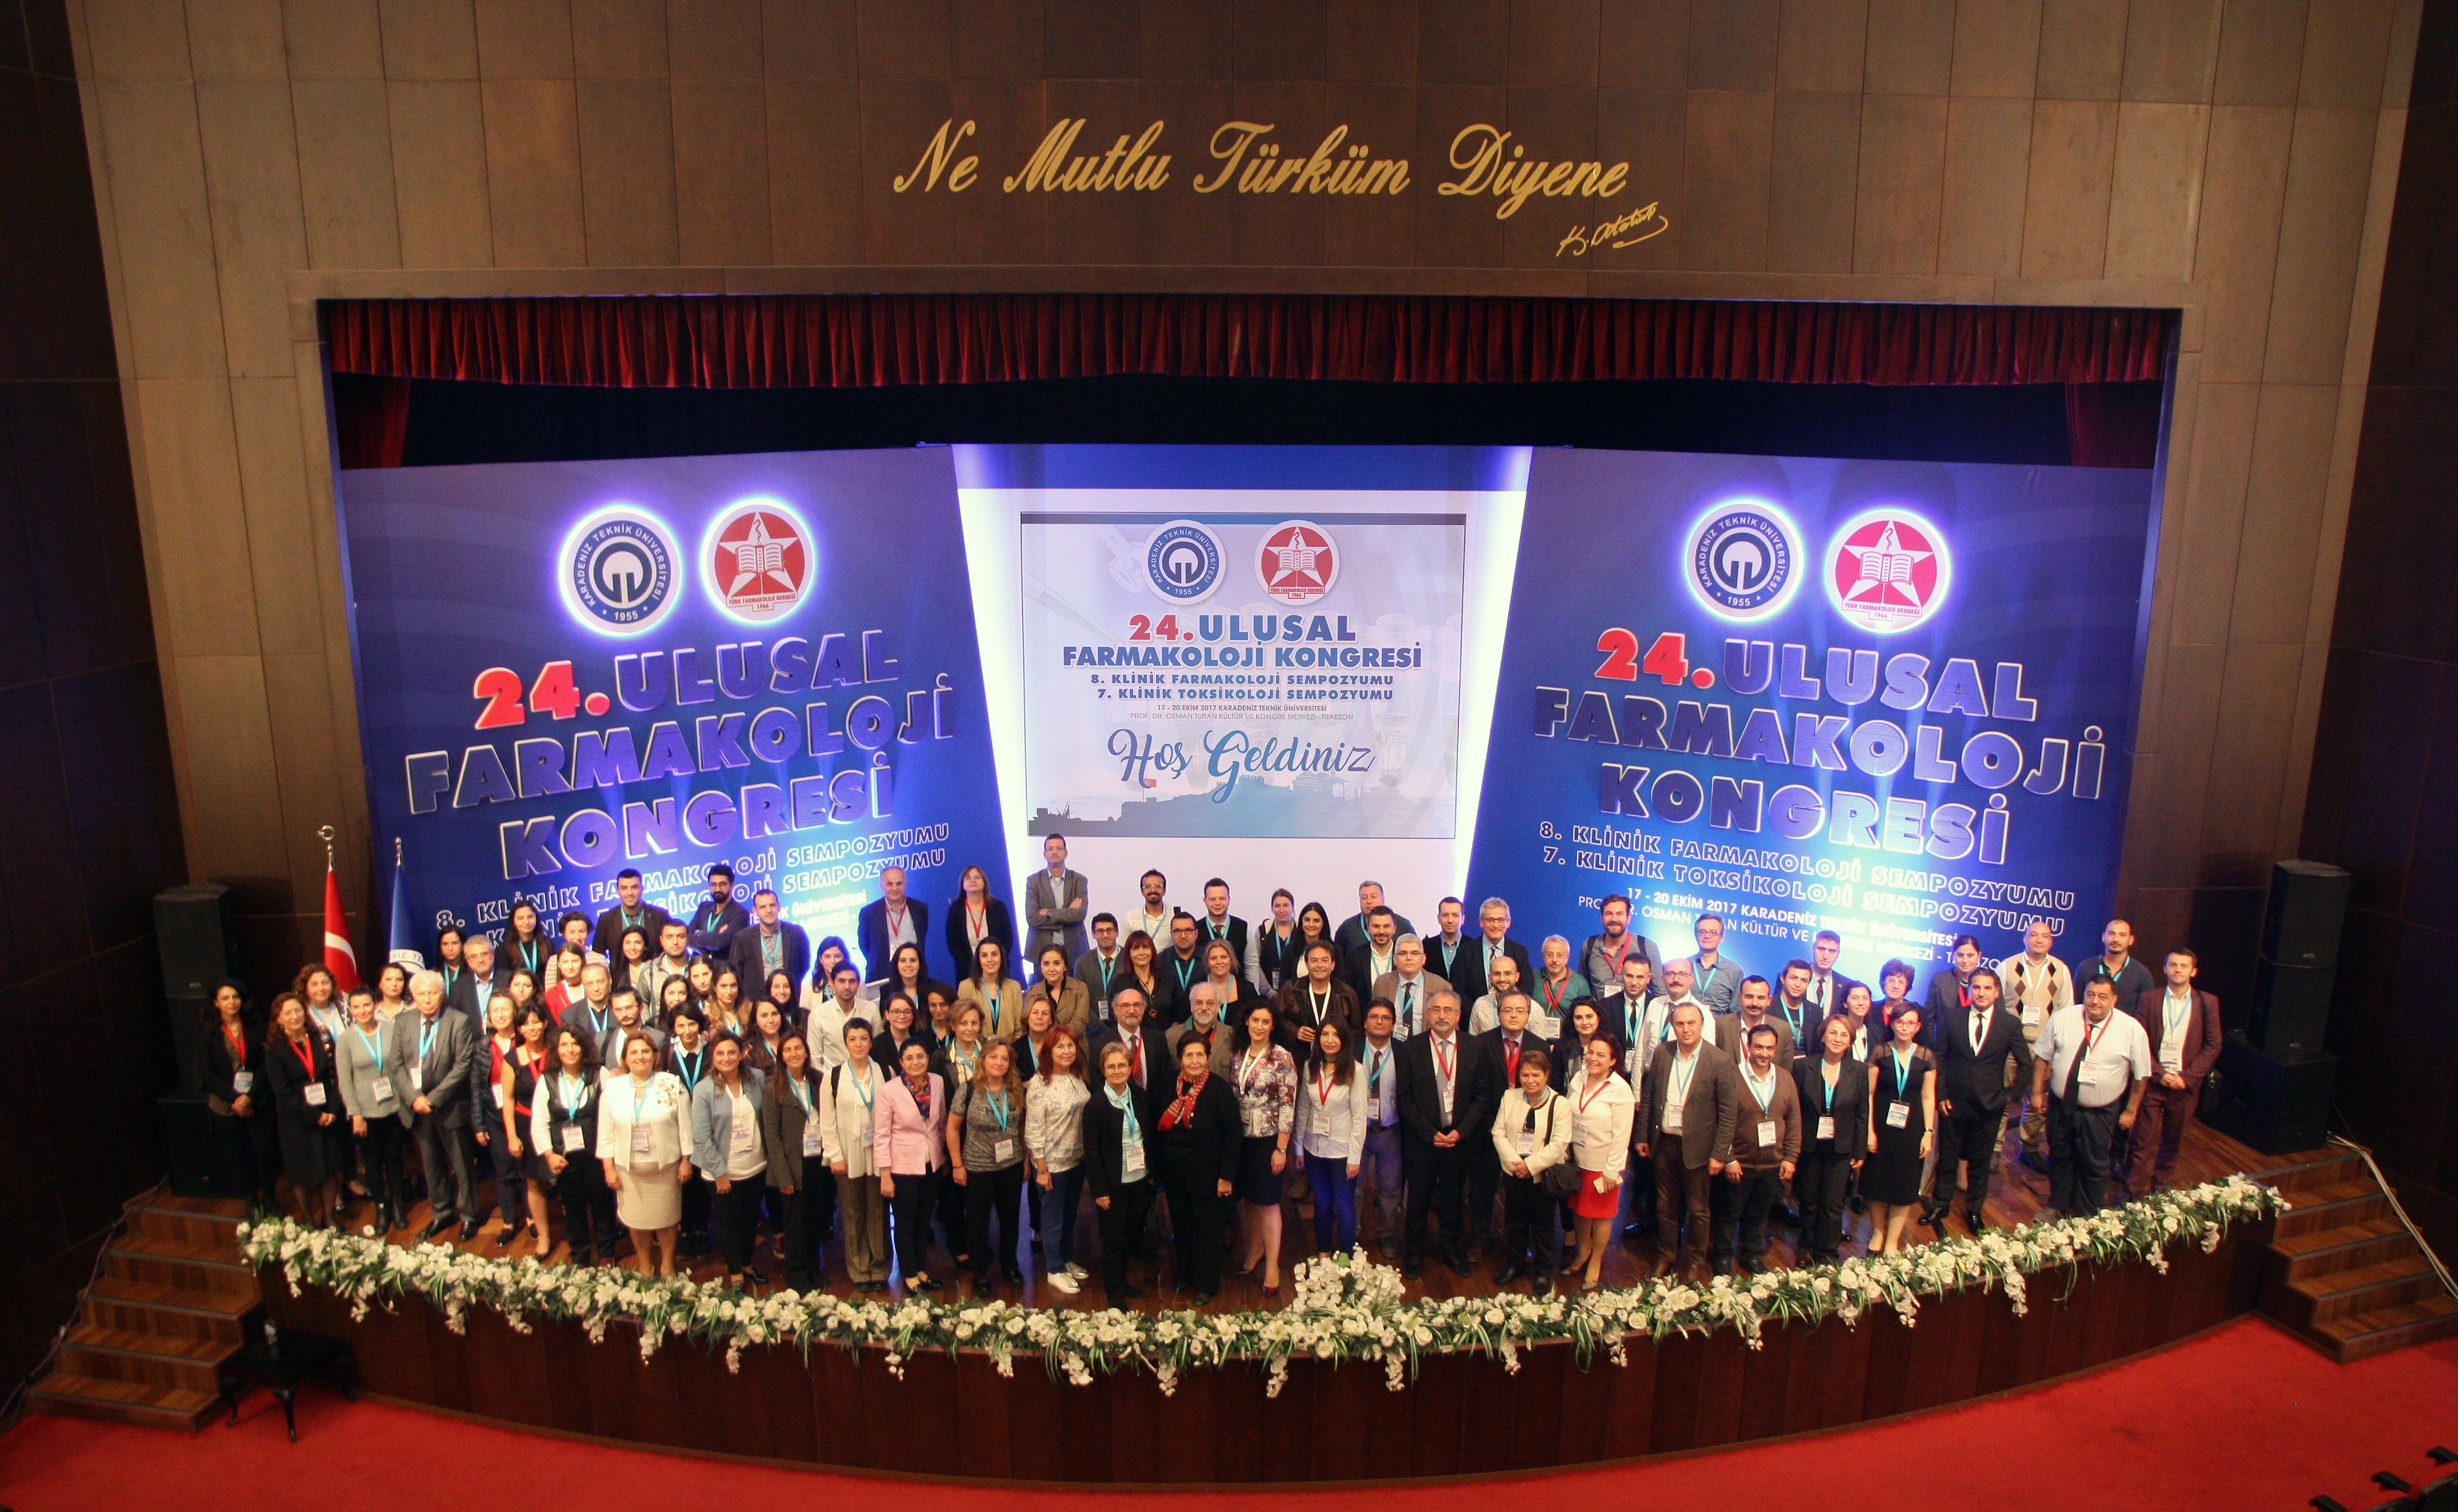 24. Ulusal Farmakoloji Kongresi tamamlandı